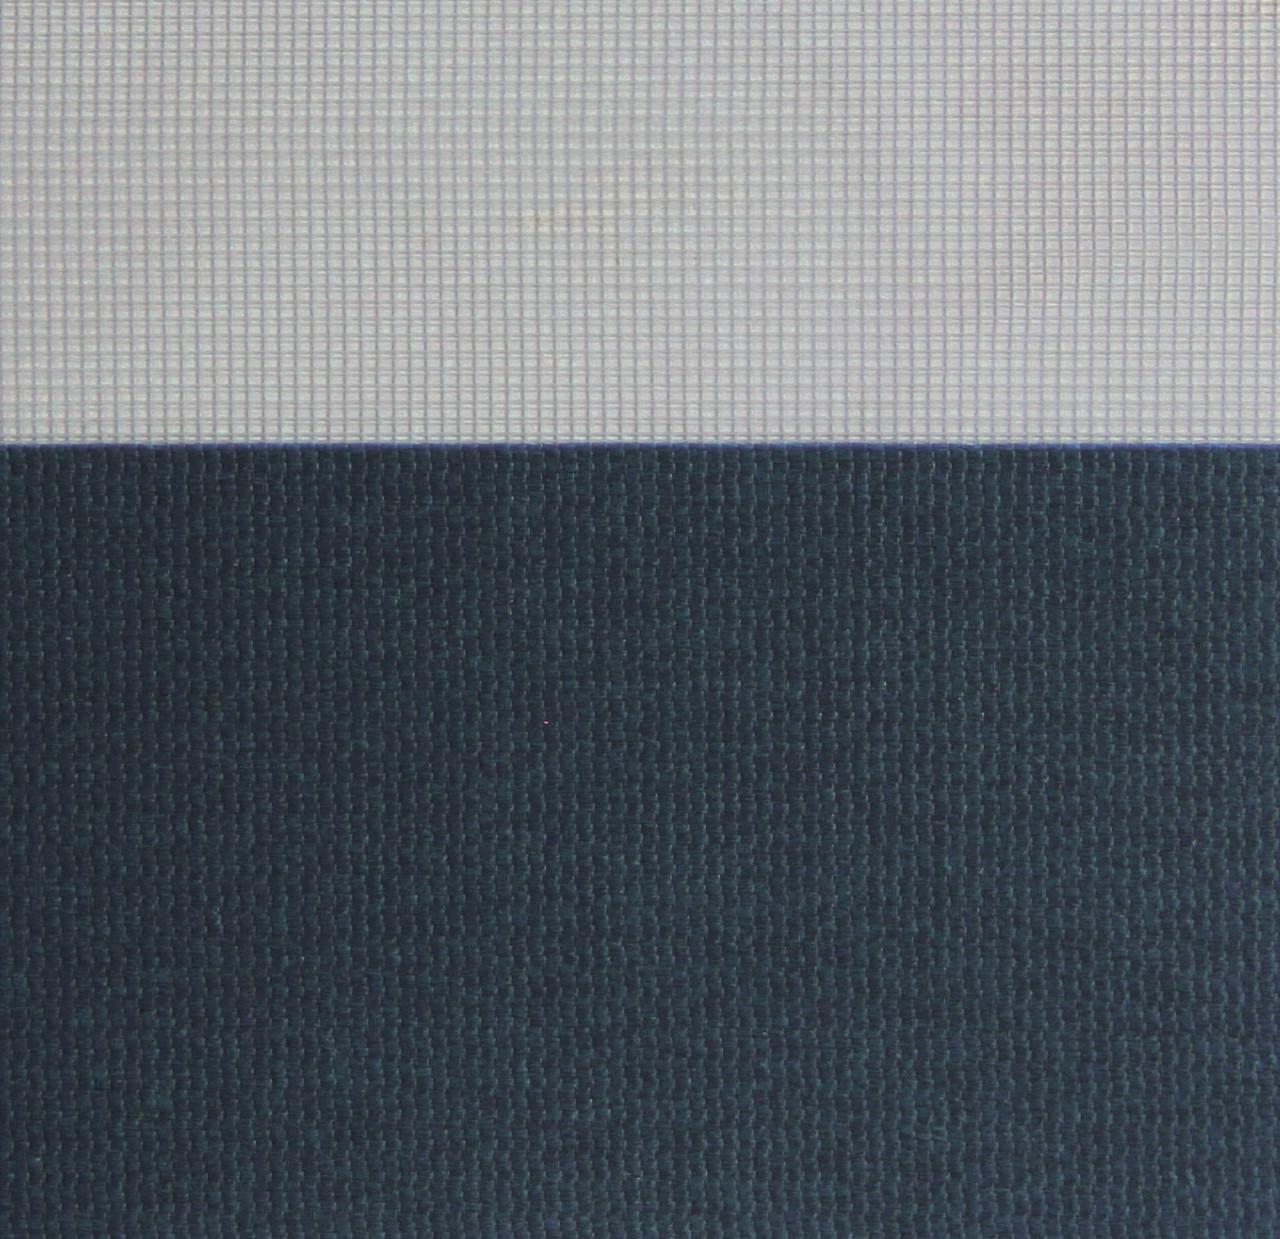 Готовые рулонные шторы Ткань Z-080 Синий